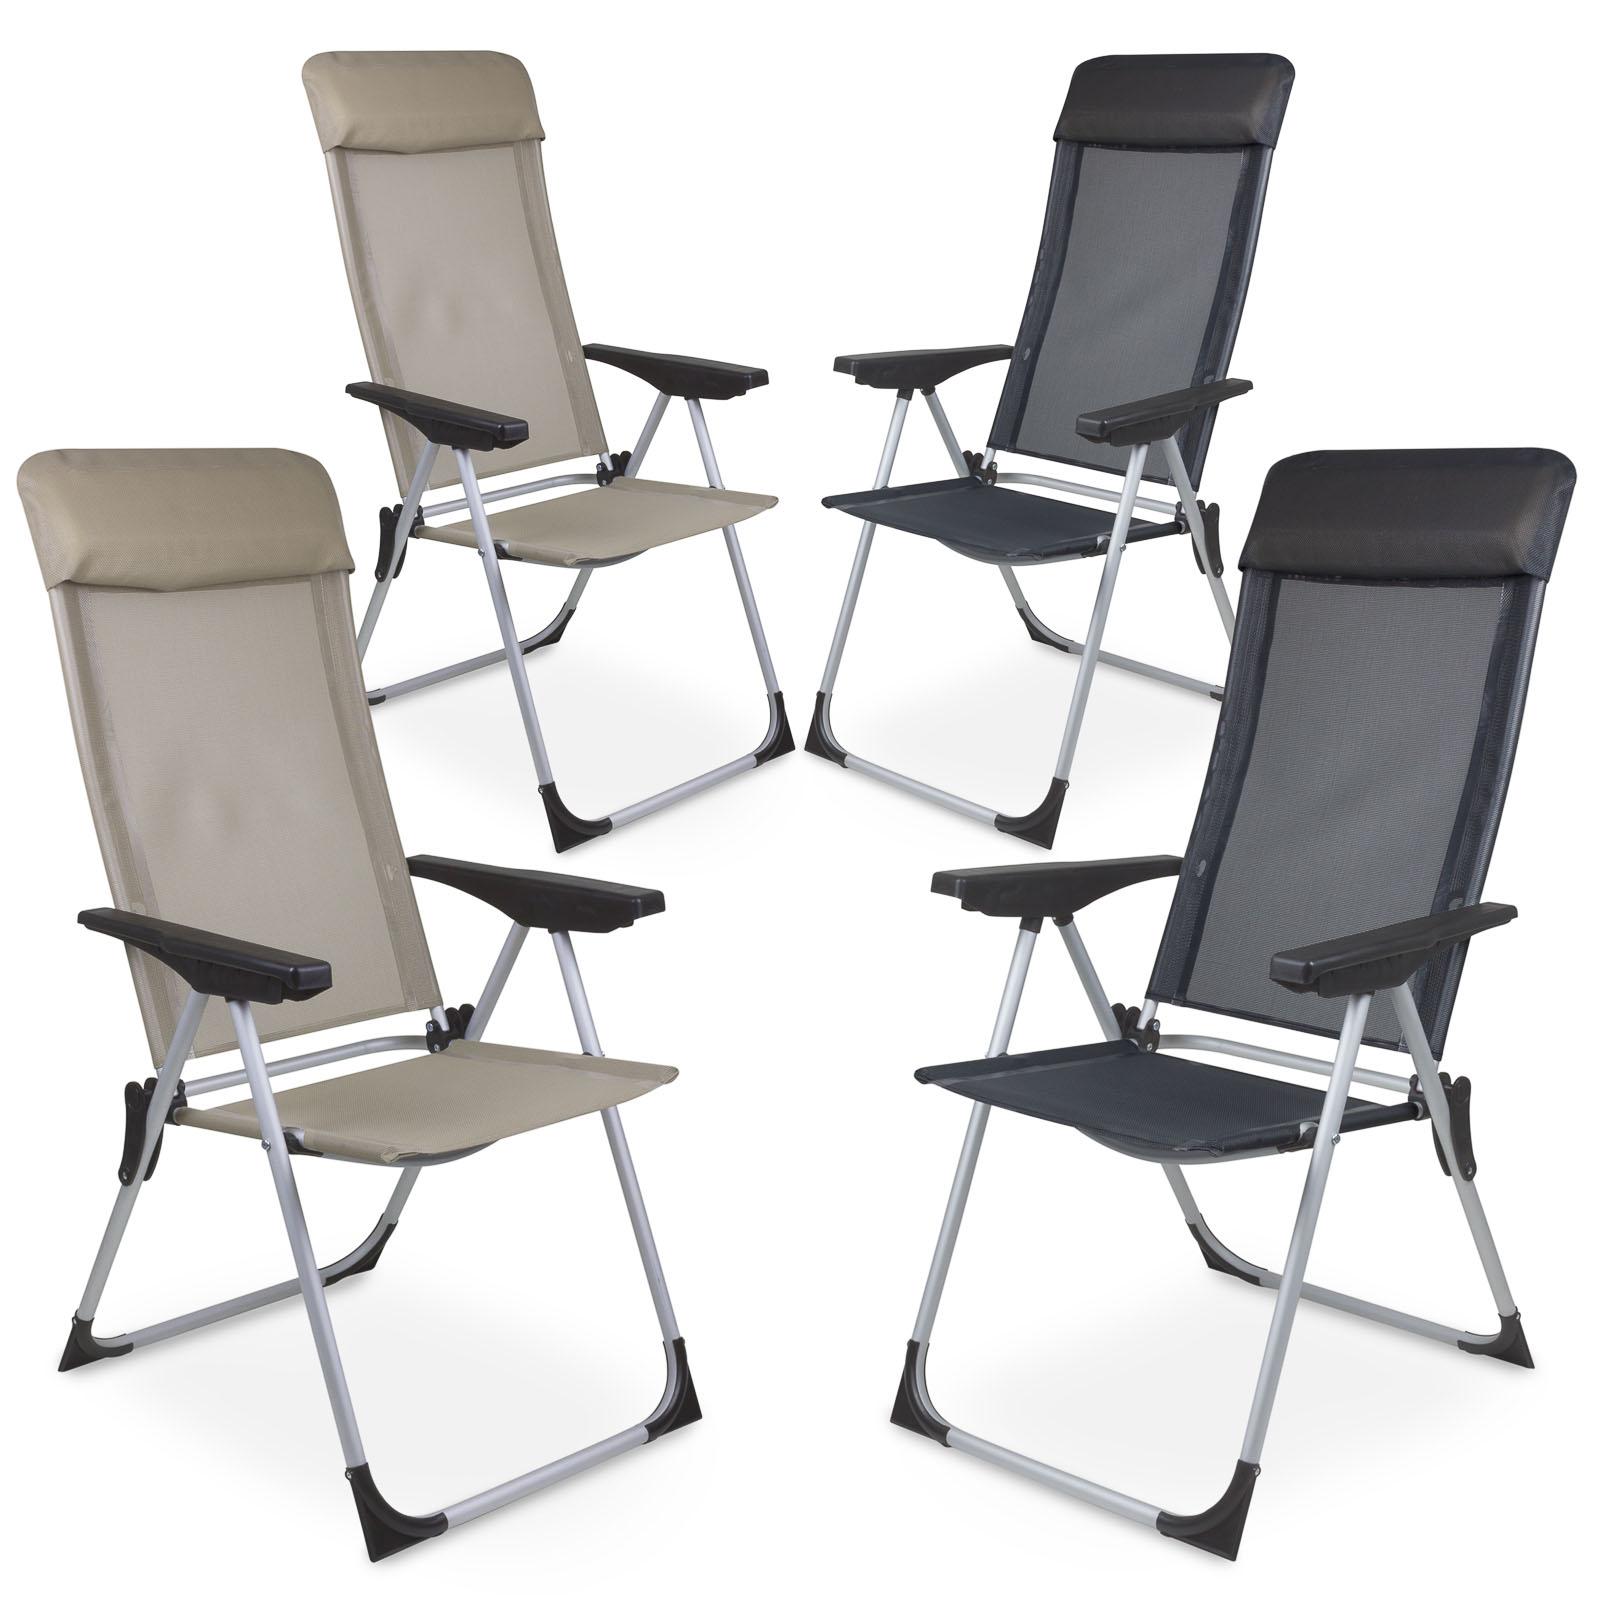 Détails sur 2 Pièce Aluminium Chaise de Jardin Pliante Camping Dossier Haut  en Deux Couleurs